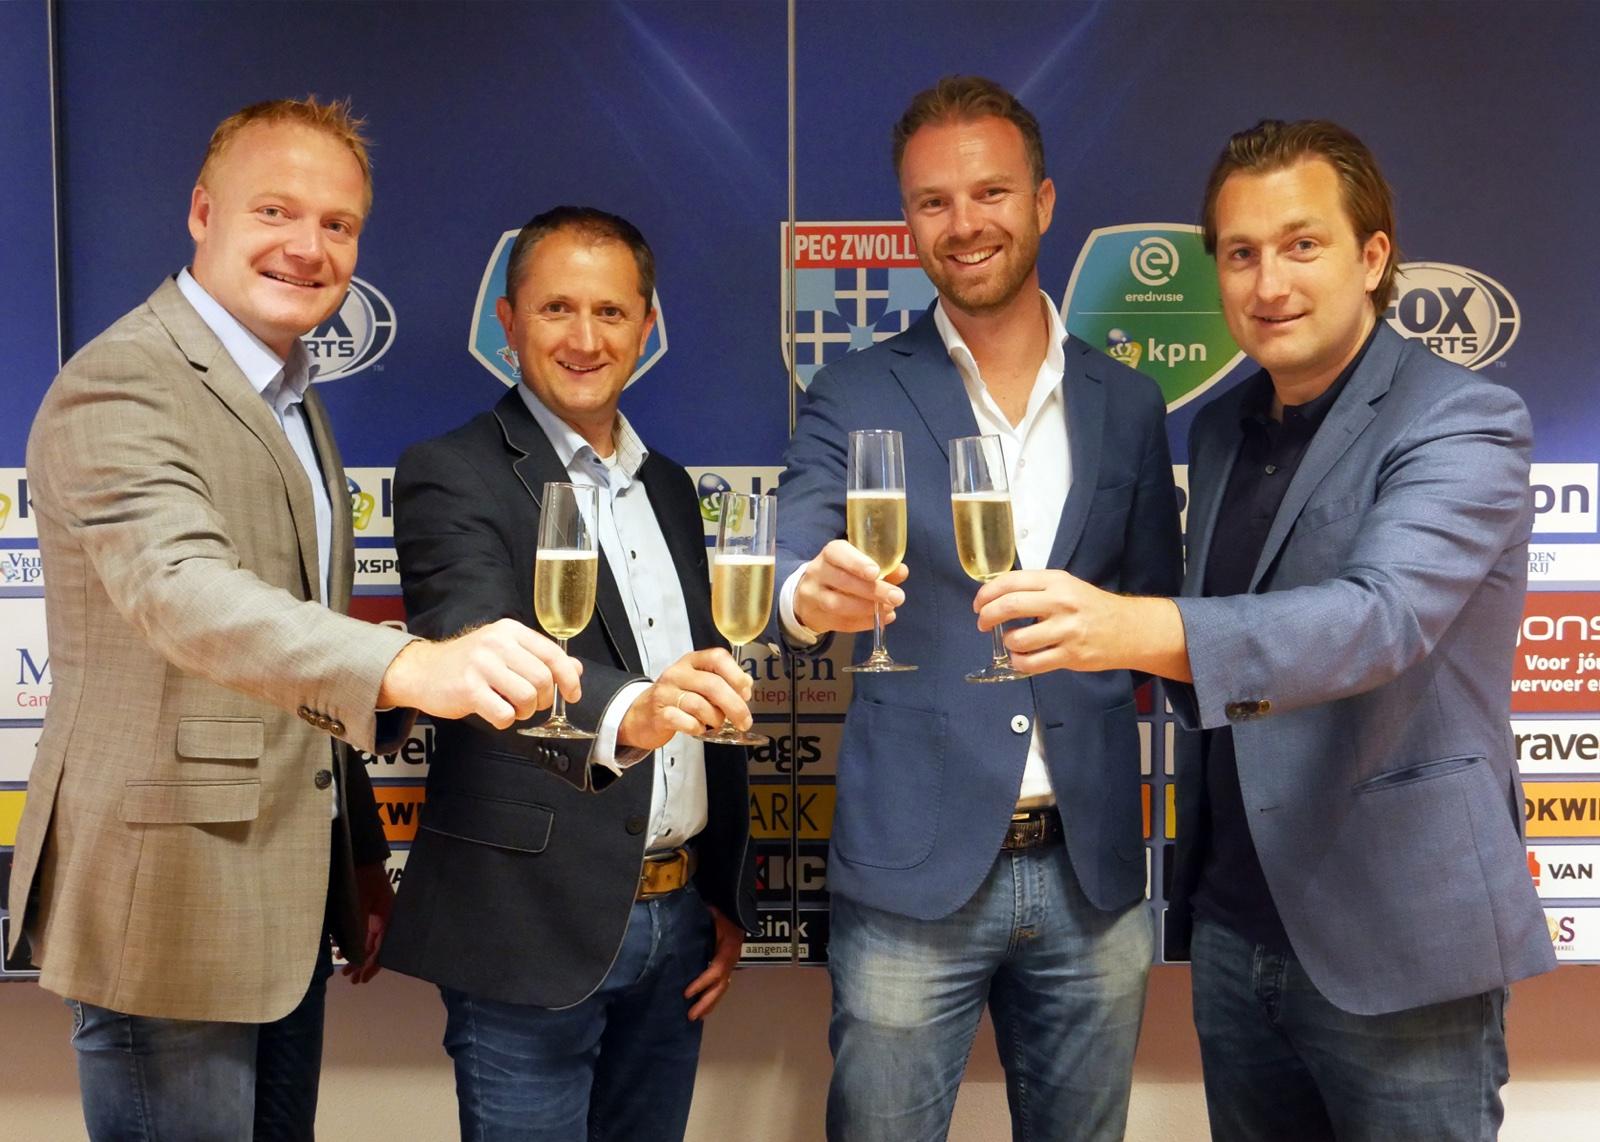 foto: Van links naar rechts Jurian Meijntjes (PEC Zwolle), Henri van Rheenen (CameraNU.nl), Ricardo van den Burg (CameraNU.nl) Joost Broerse (PEC Zwolle).